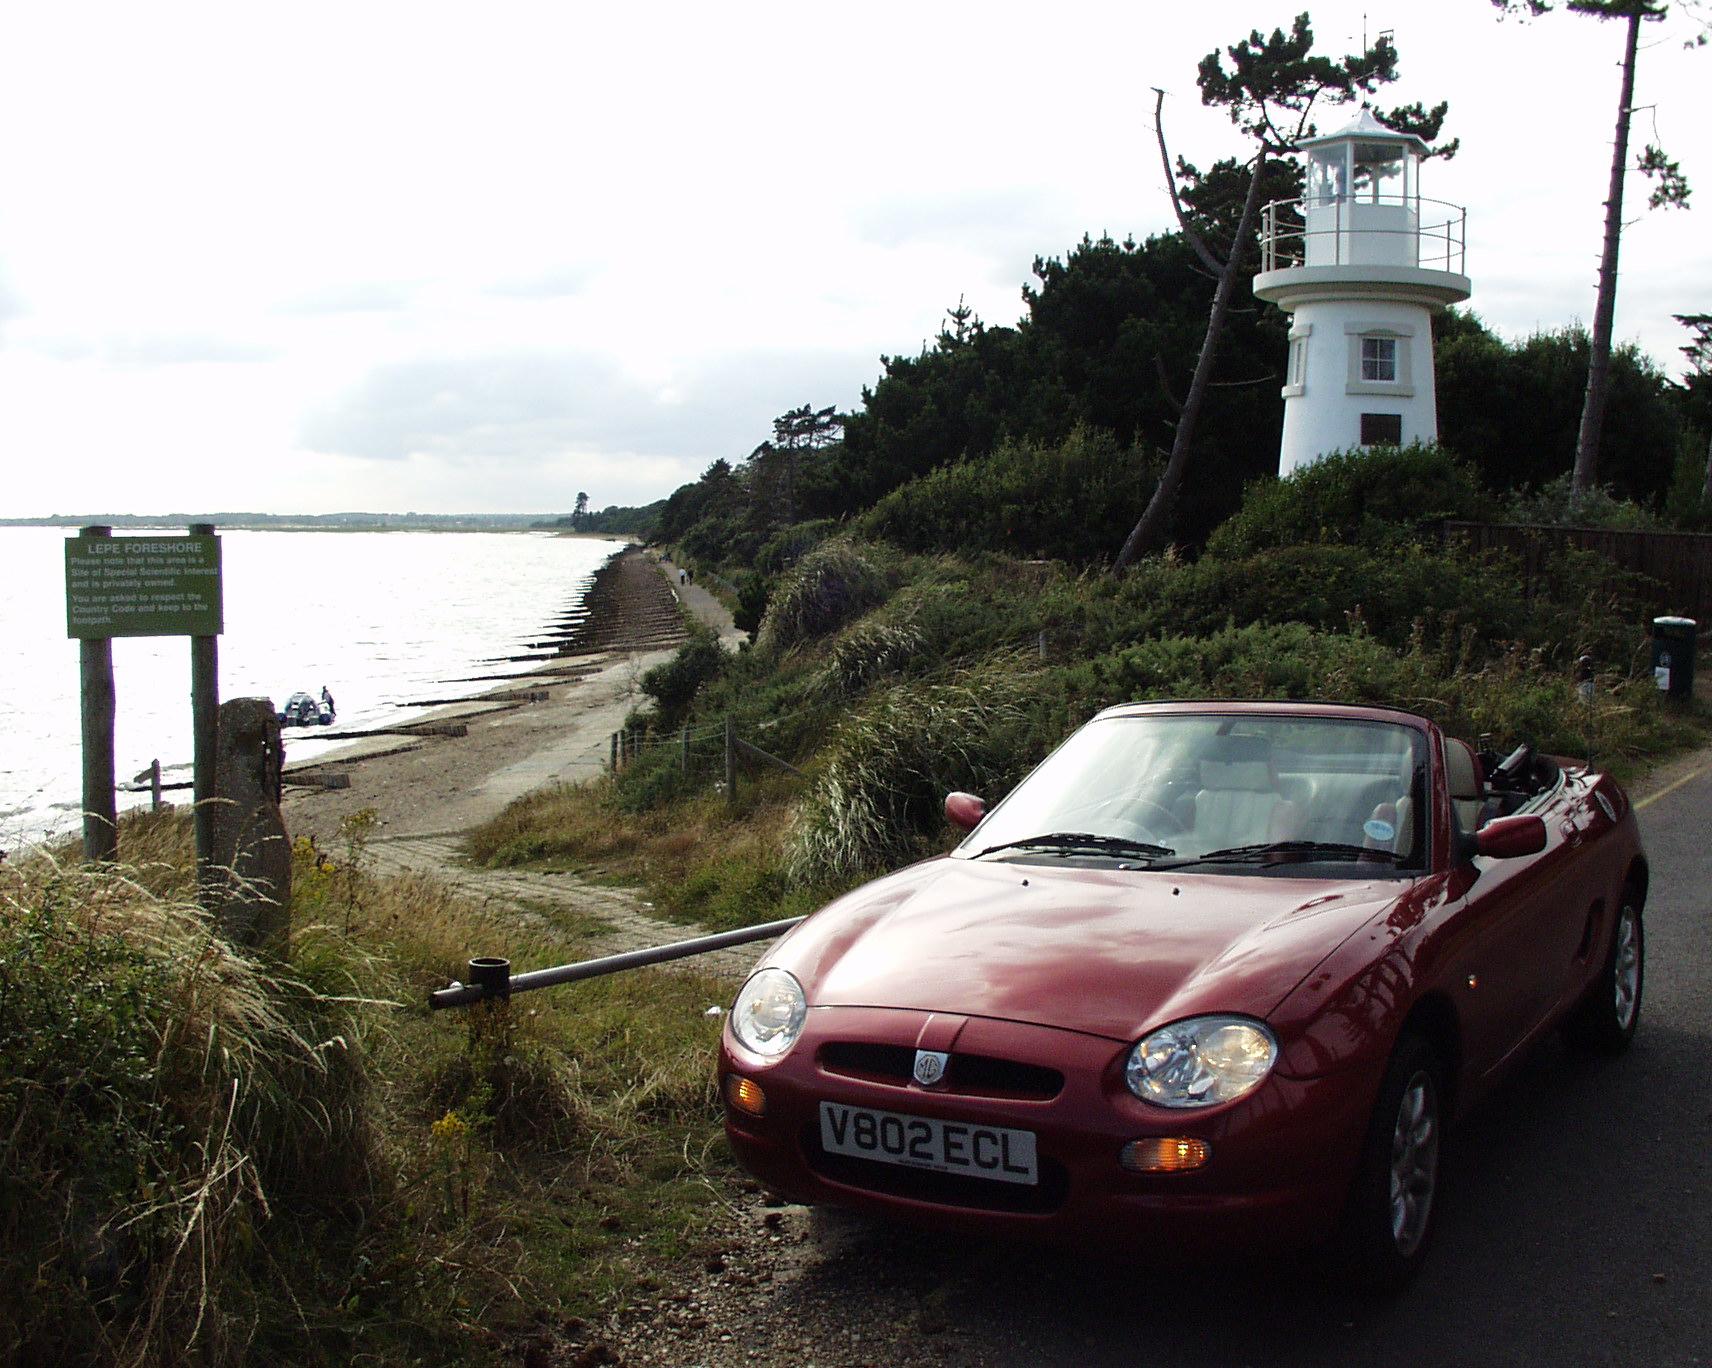 2000-08-19 MGF road trip to Lepe Beach